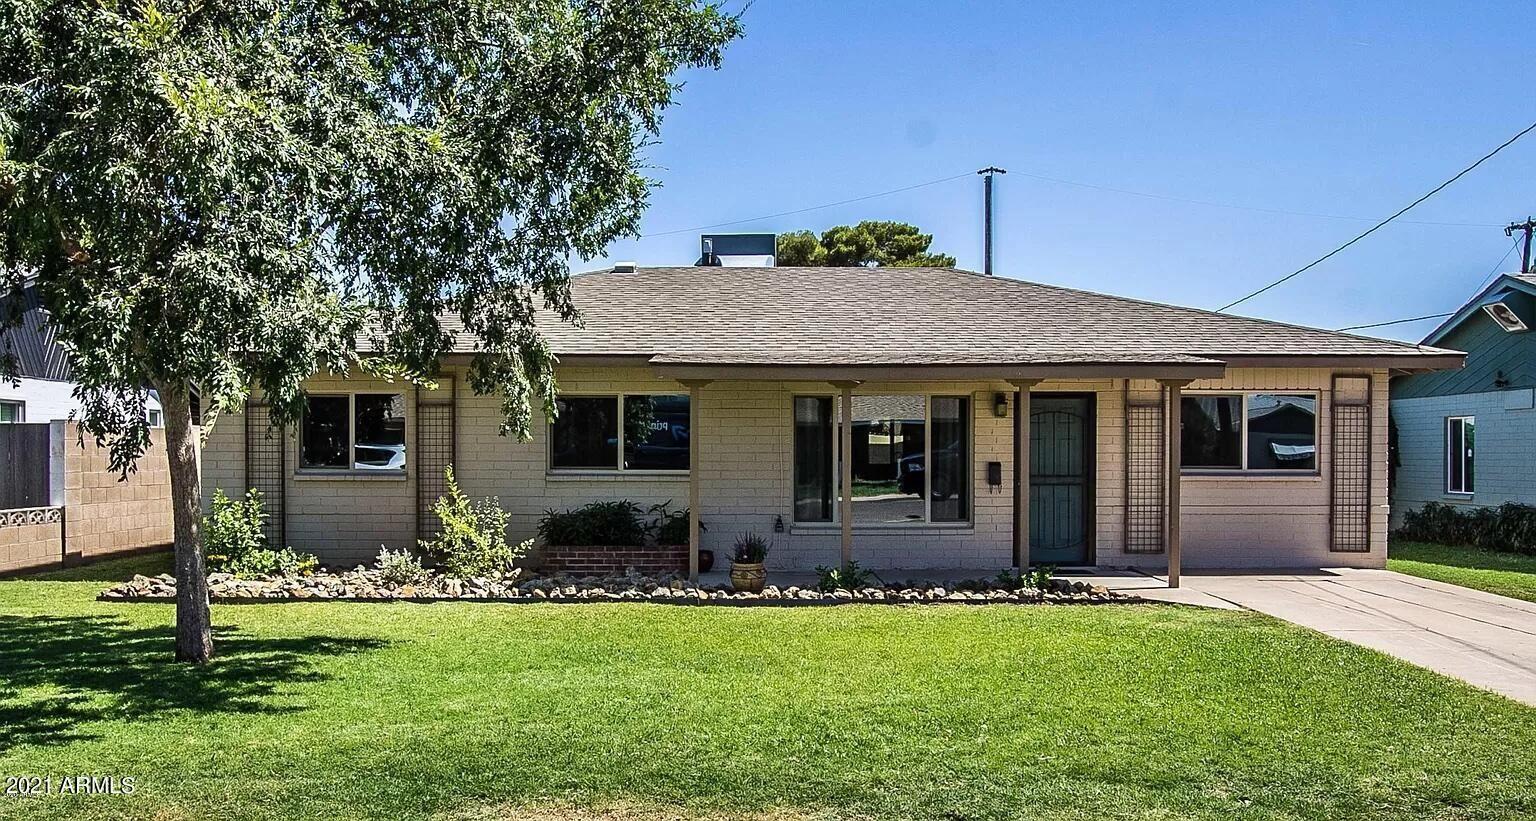 1353 E WHITTON Avenue, Phoenix, AZ 85014 - MLS#: 6285443